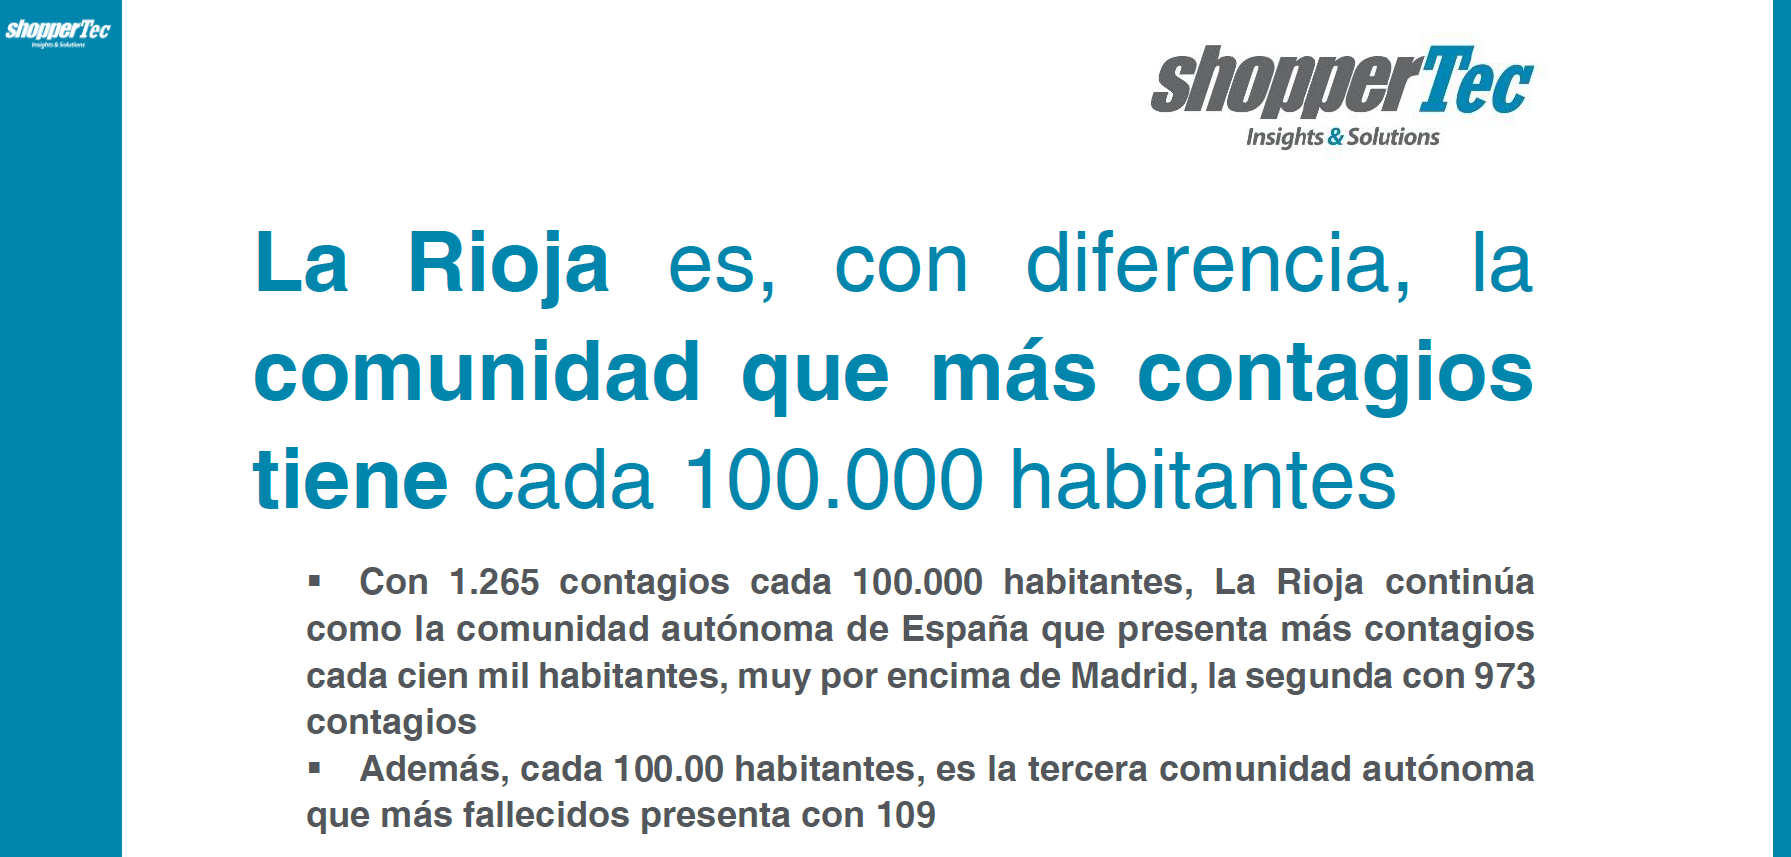 La Rioja es la comunidad que más contagios tiene cada 100.000 habitantes